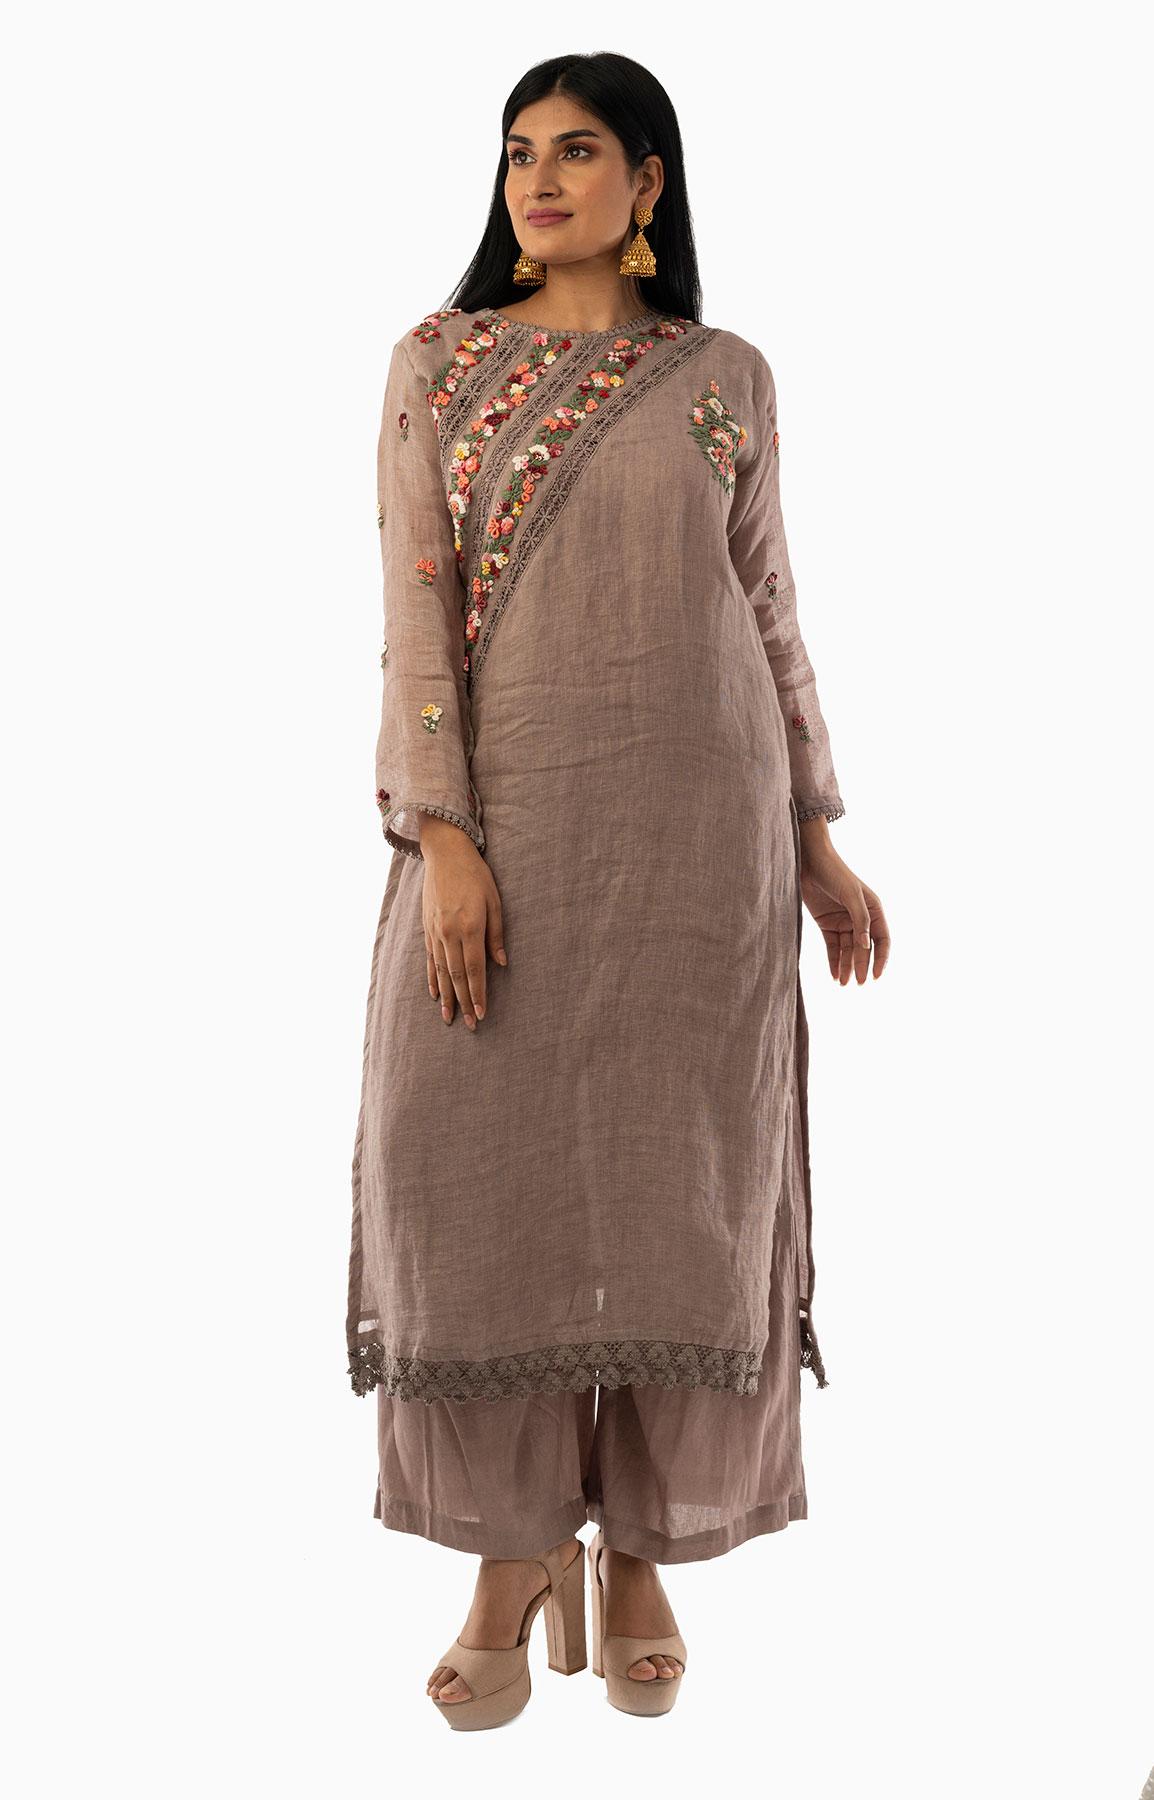 Sand Beige Linen Suit With Handloom Linen Duppatta Adorned With Resham Work – Viraaya By Ushnakmals